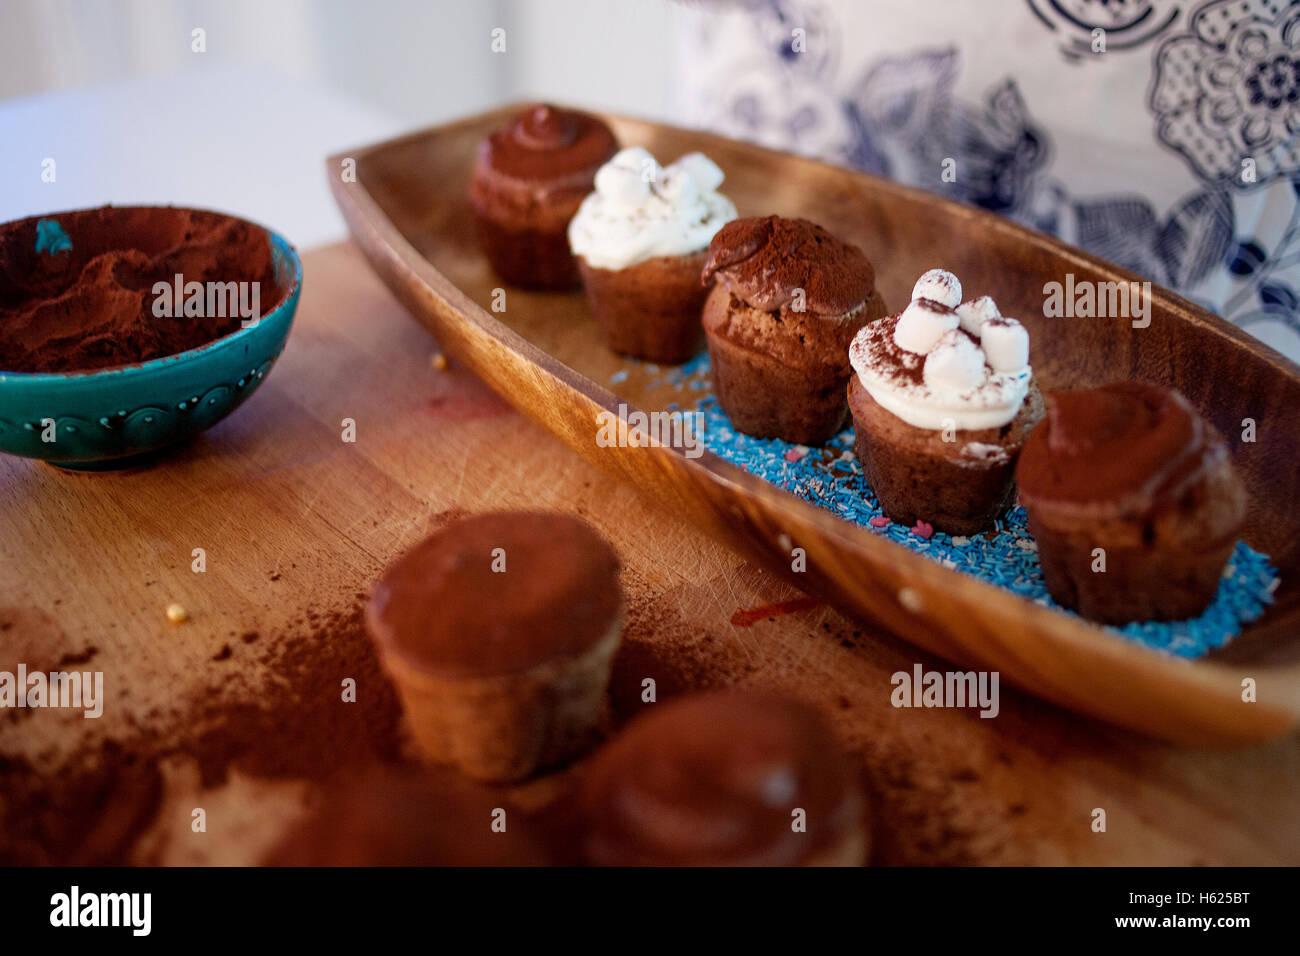 Kochen, Cupcakes, Muffins und einen Teller mit Zutaten für die Dekoration auf dem Tisch Stockfoto